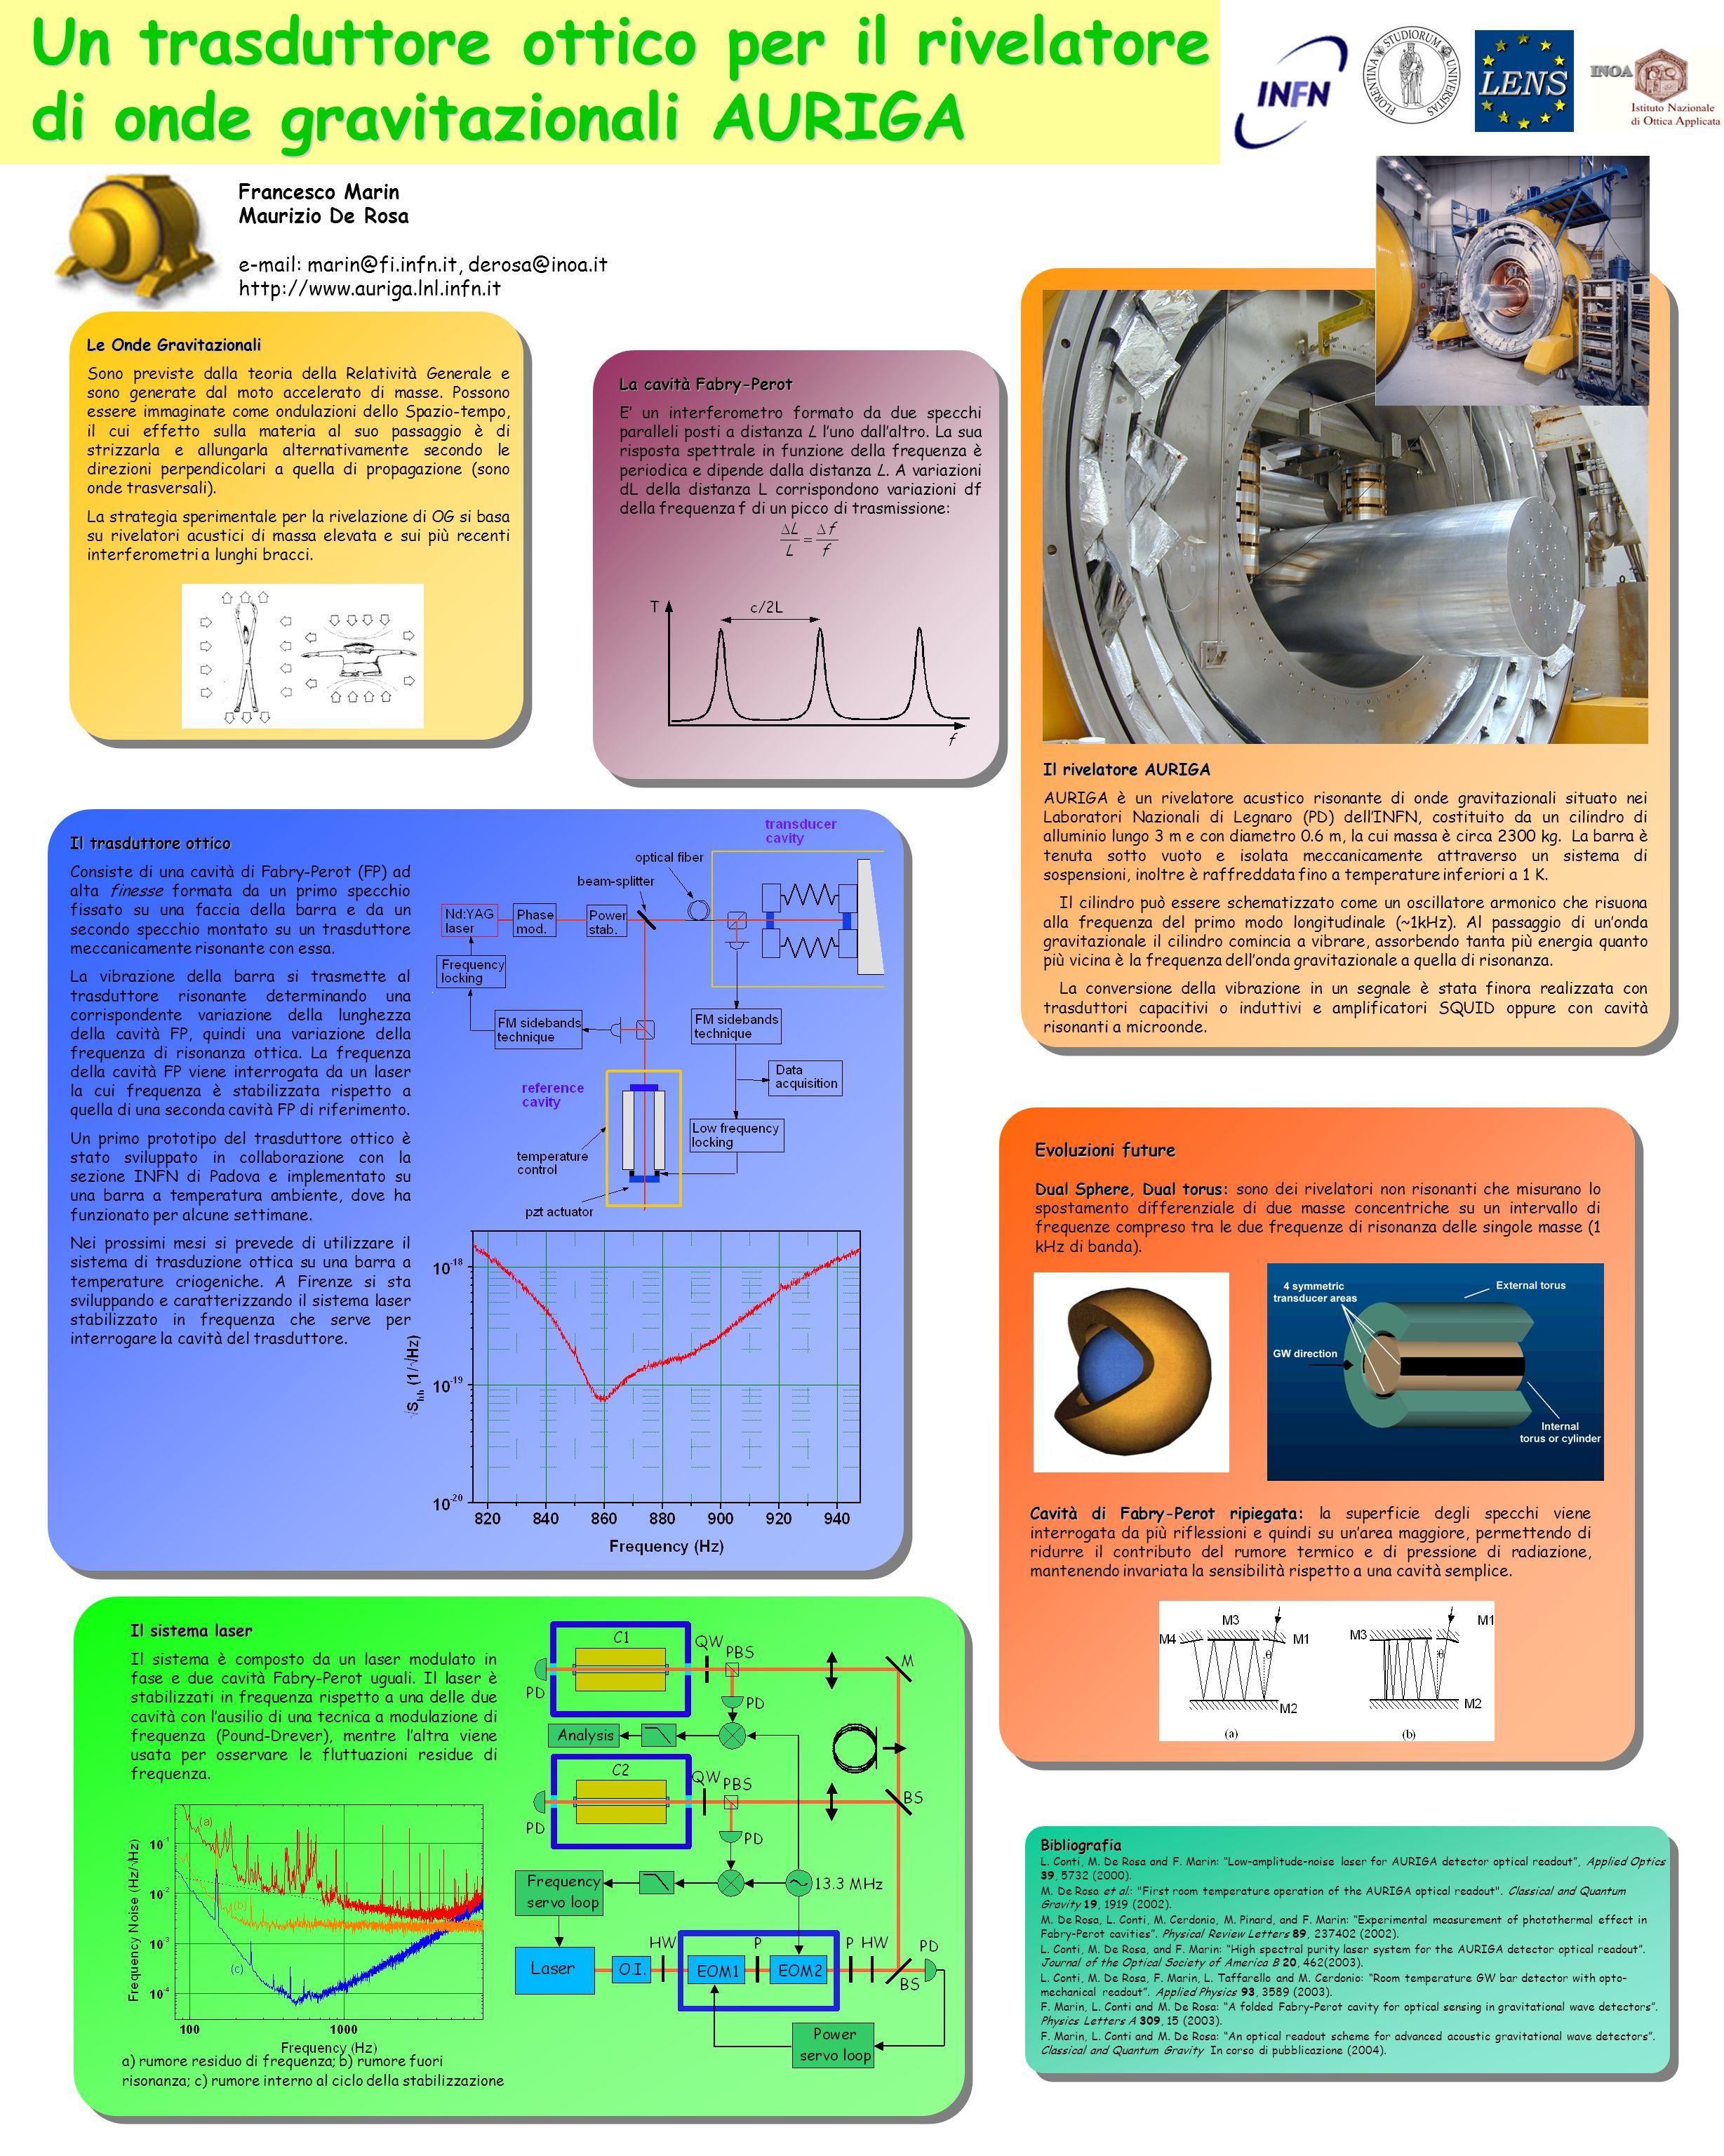 Un trasduttore ottico per il rivelatore di onde gravitazionali AURIGA